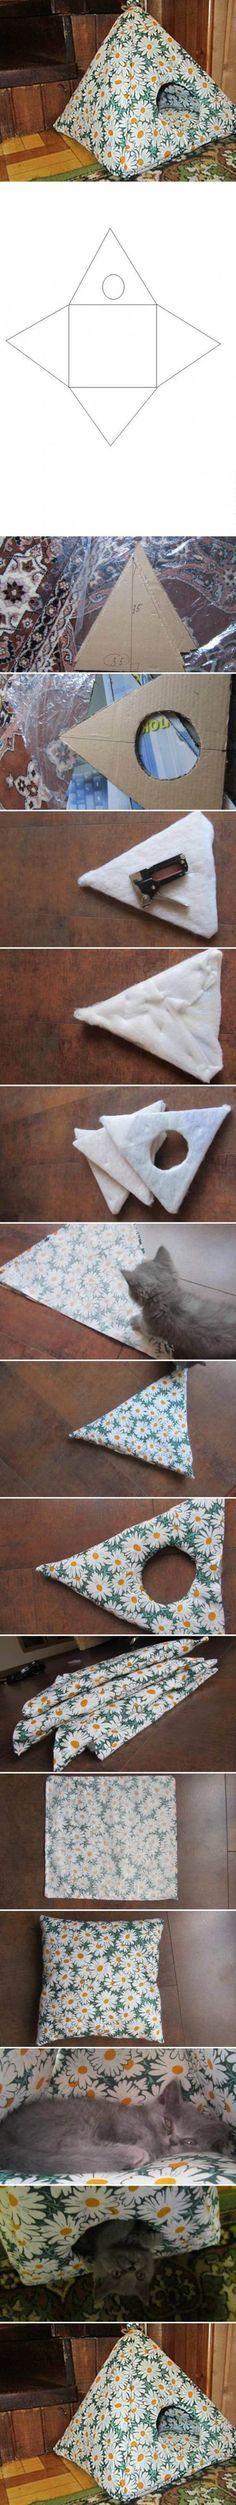 Casa gatos                                                                                                                                                                                 Más